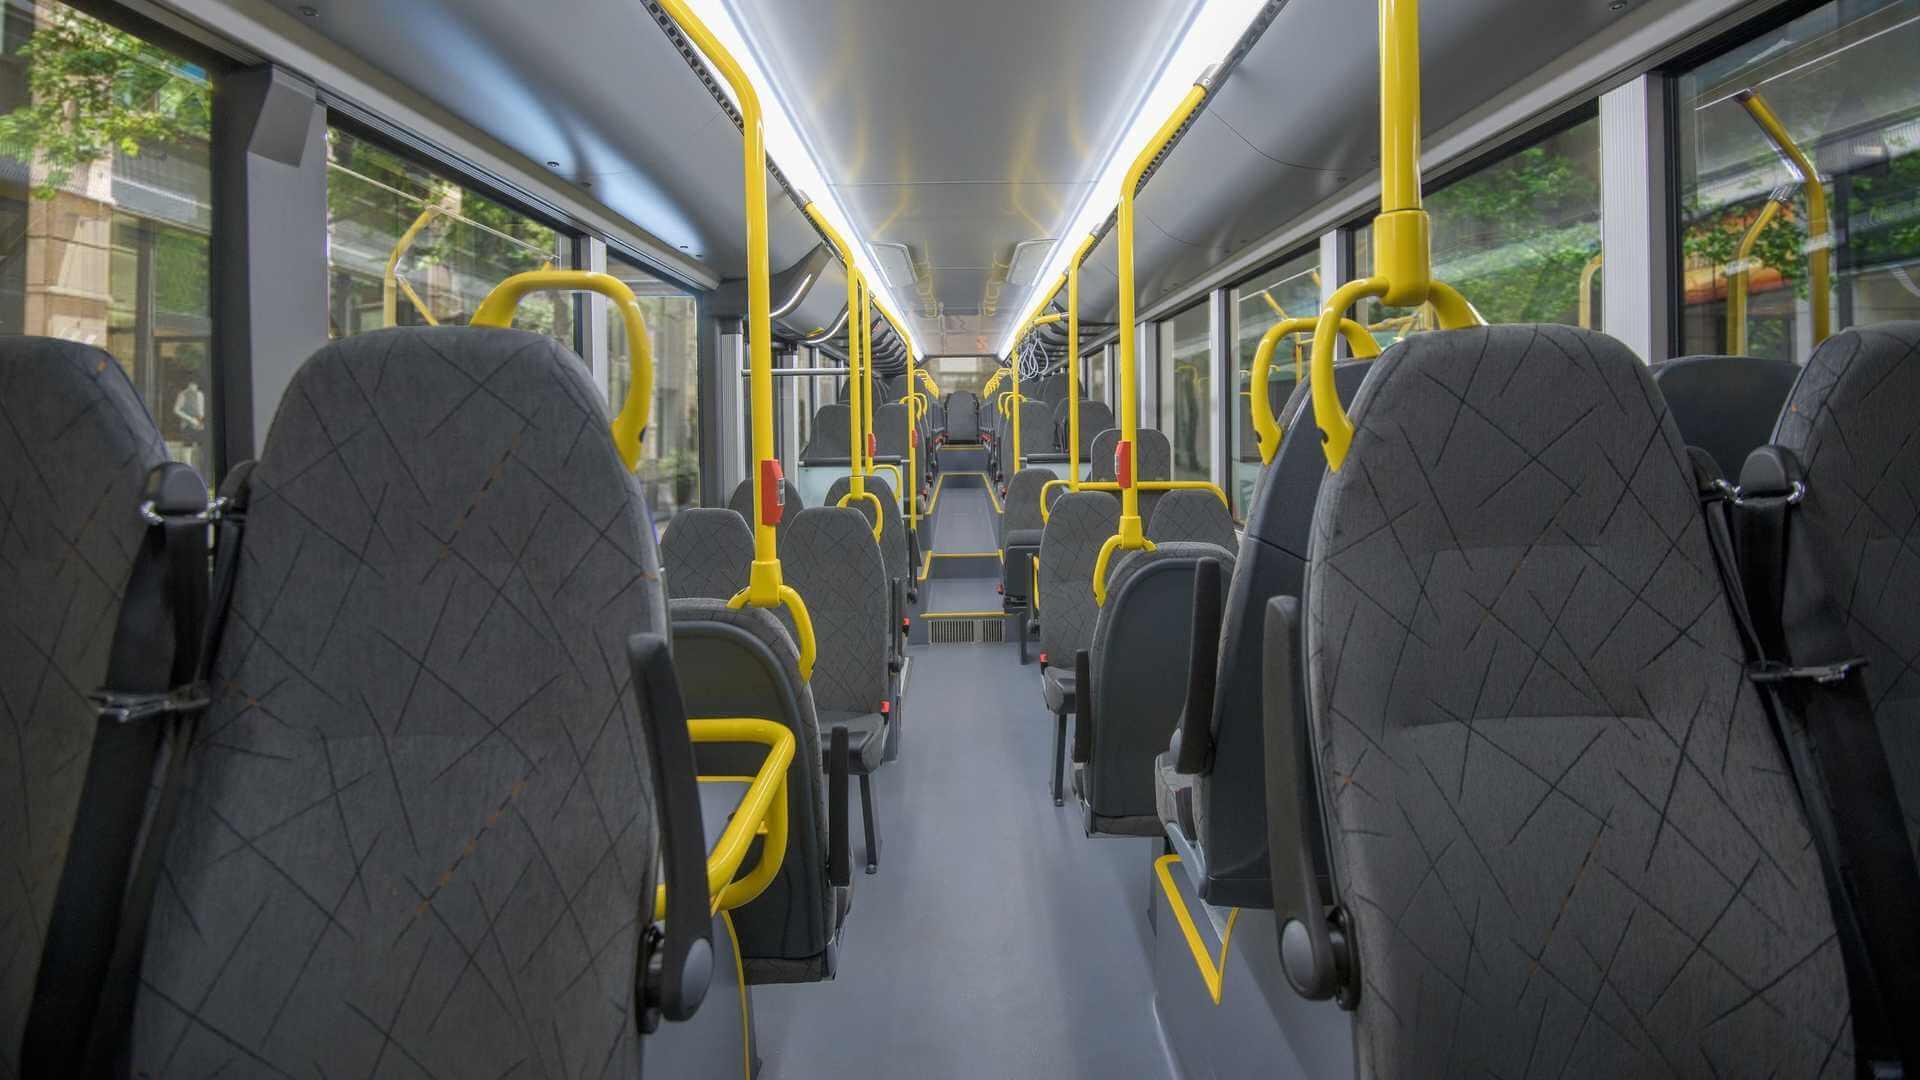 Салон электрического автобуса Solaris Urbino 15 LE electric